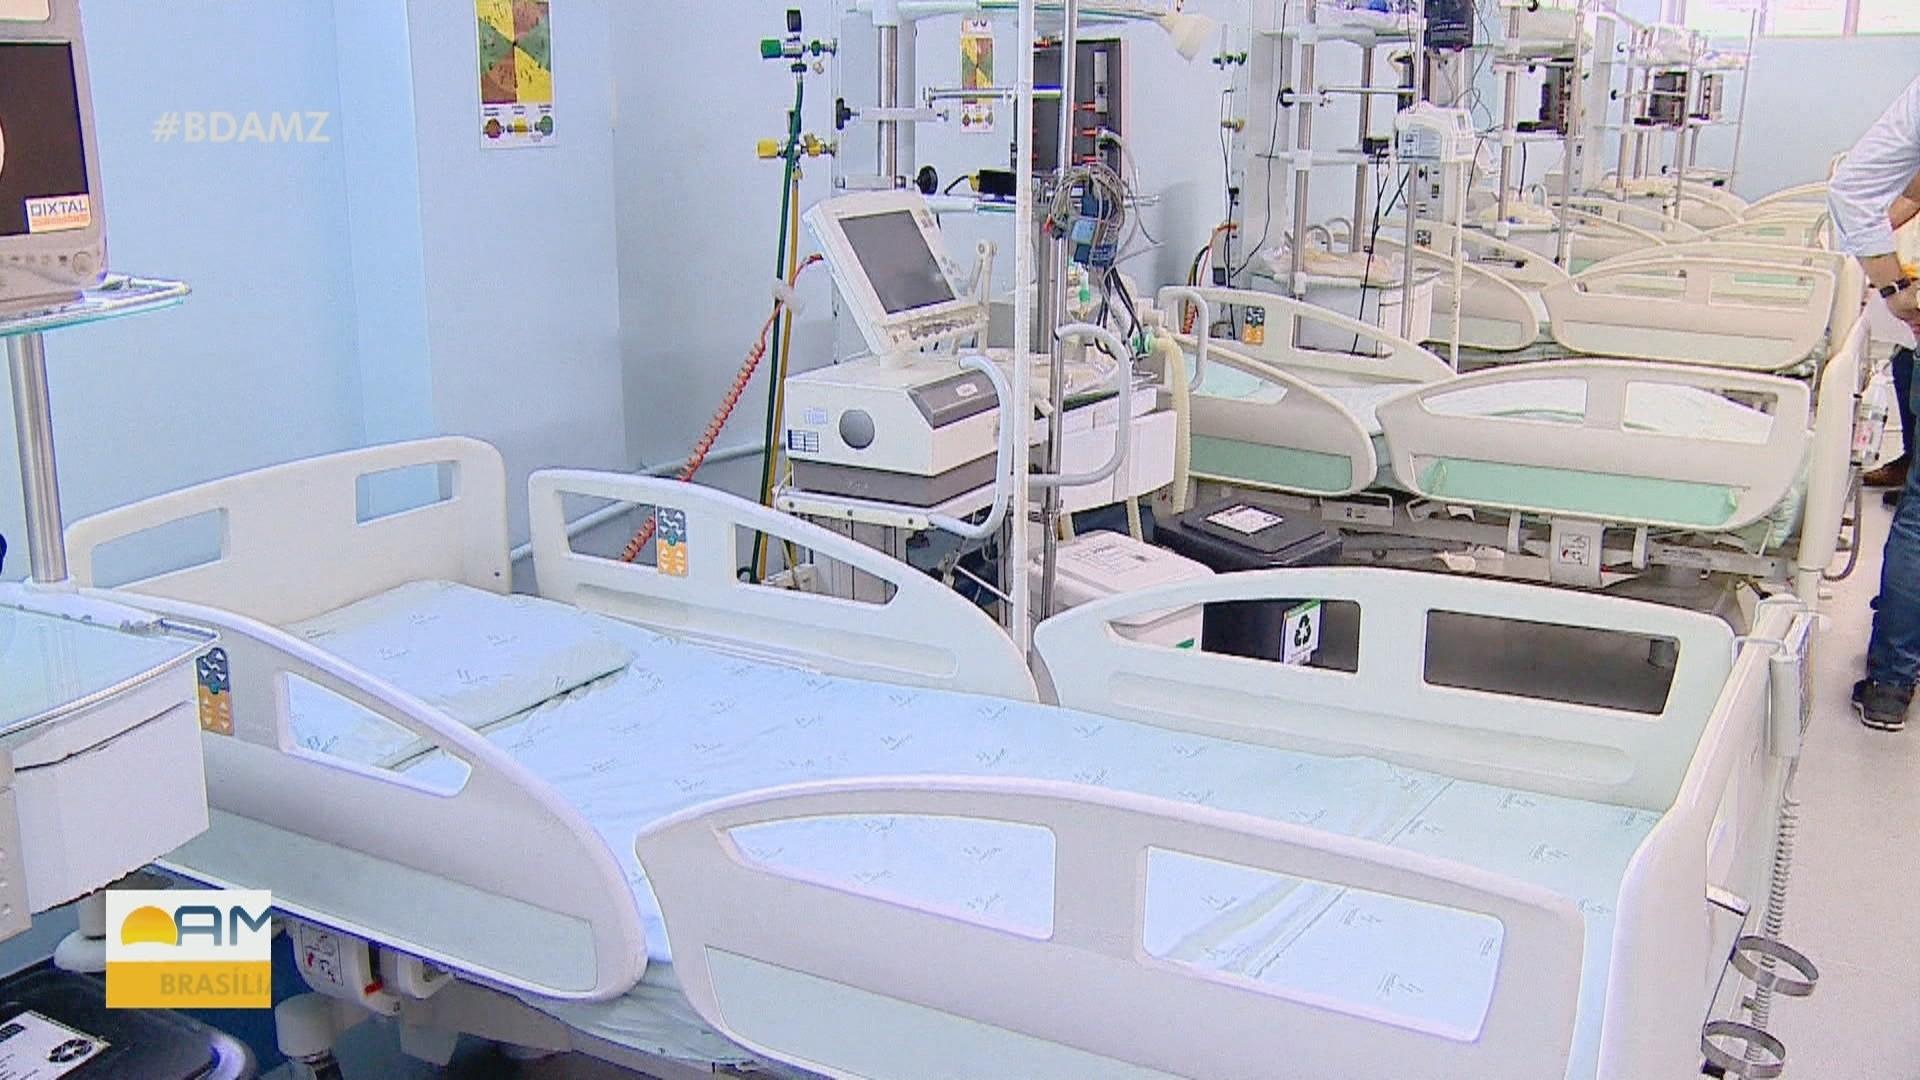 VÍDEOS: Enfermeiros voluntários denunciam burocracia para atuar na Saúde do AM; veja destaque do BDA